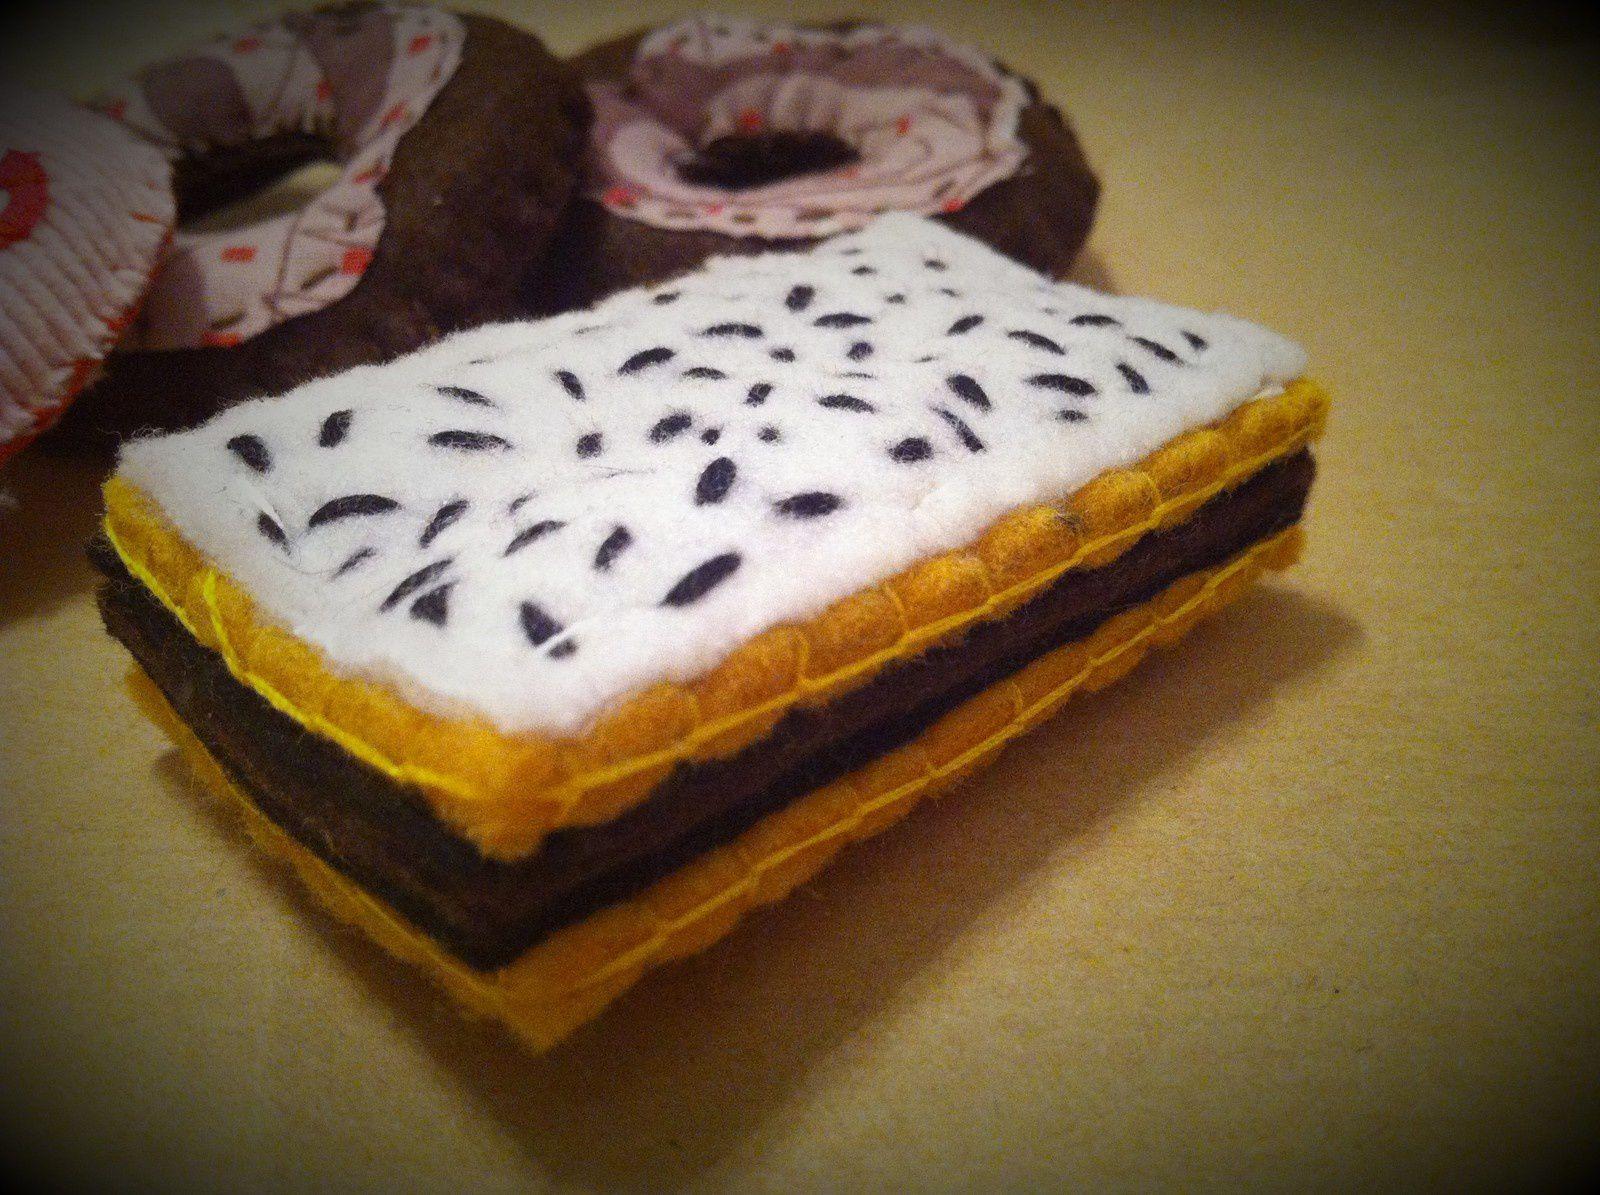 Dinette en feutrine : les donuts et napolitain